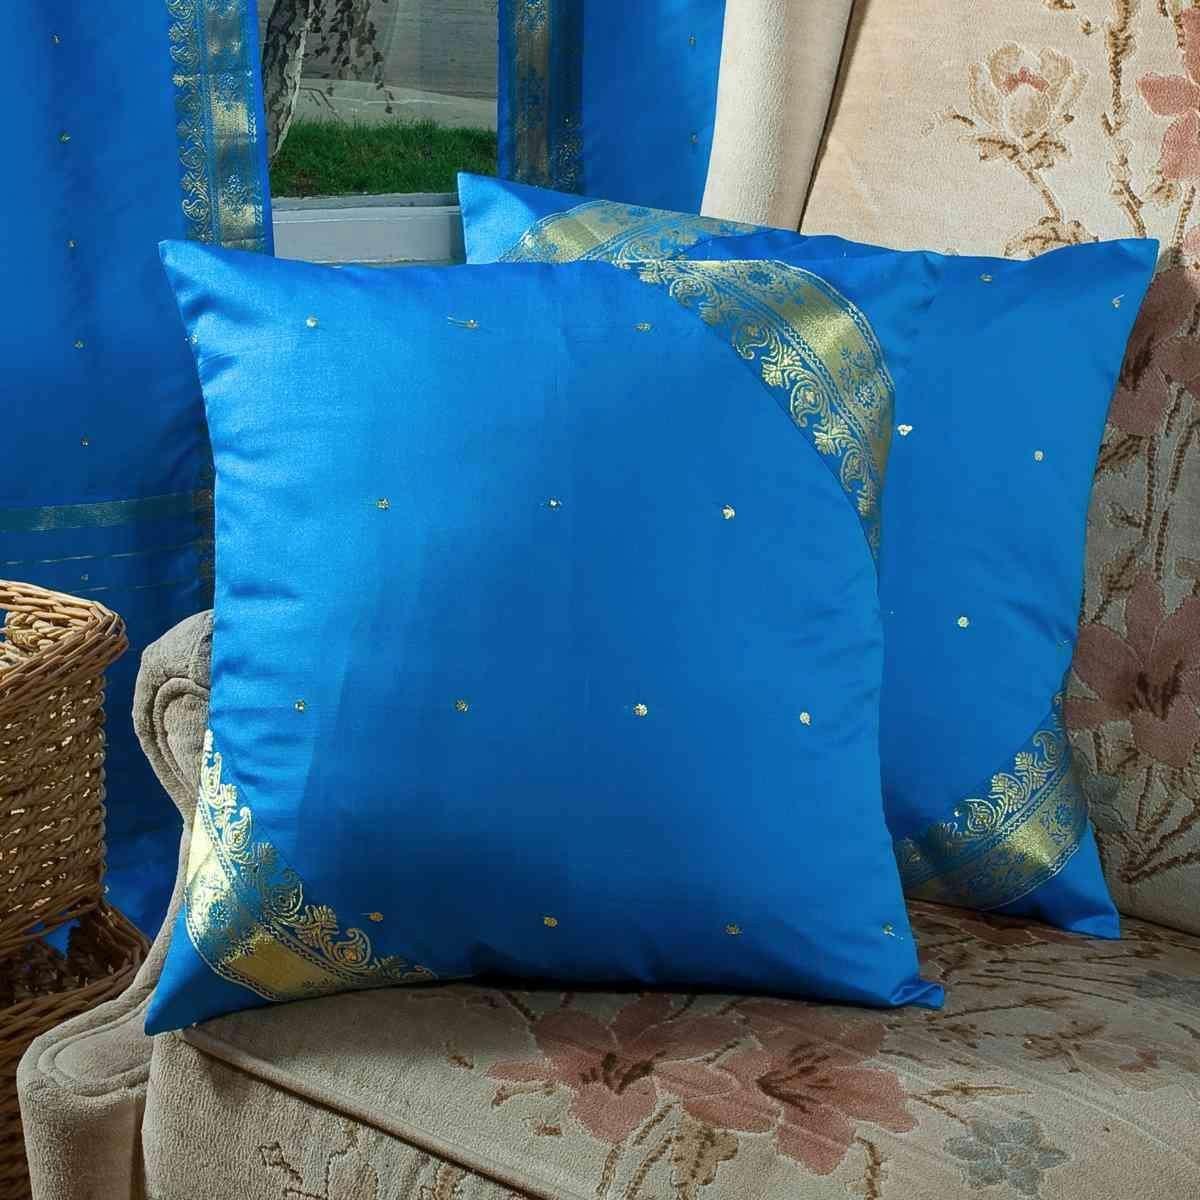 Indian Selections ブルー - 装飾的な手作りクッションカバー スロー枕カバー ユーロシャム 人気ショップが最安値挑戦 今だけ限定15%OFFクーポン発行中 B00CHWON5W inches 6サイズ 22x22 square MBLUCCC2222